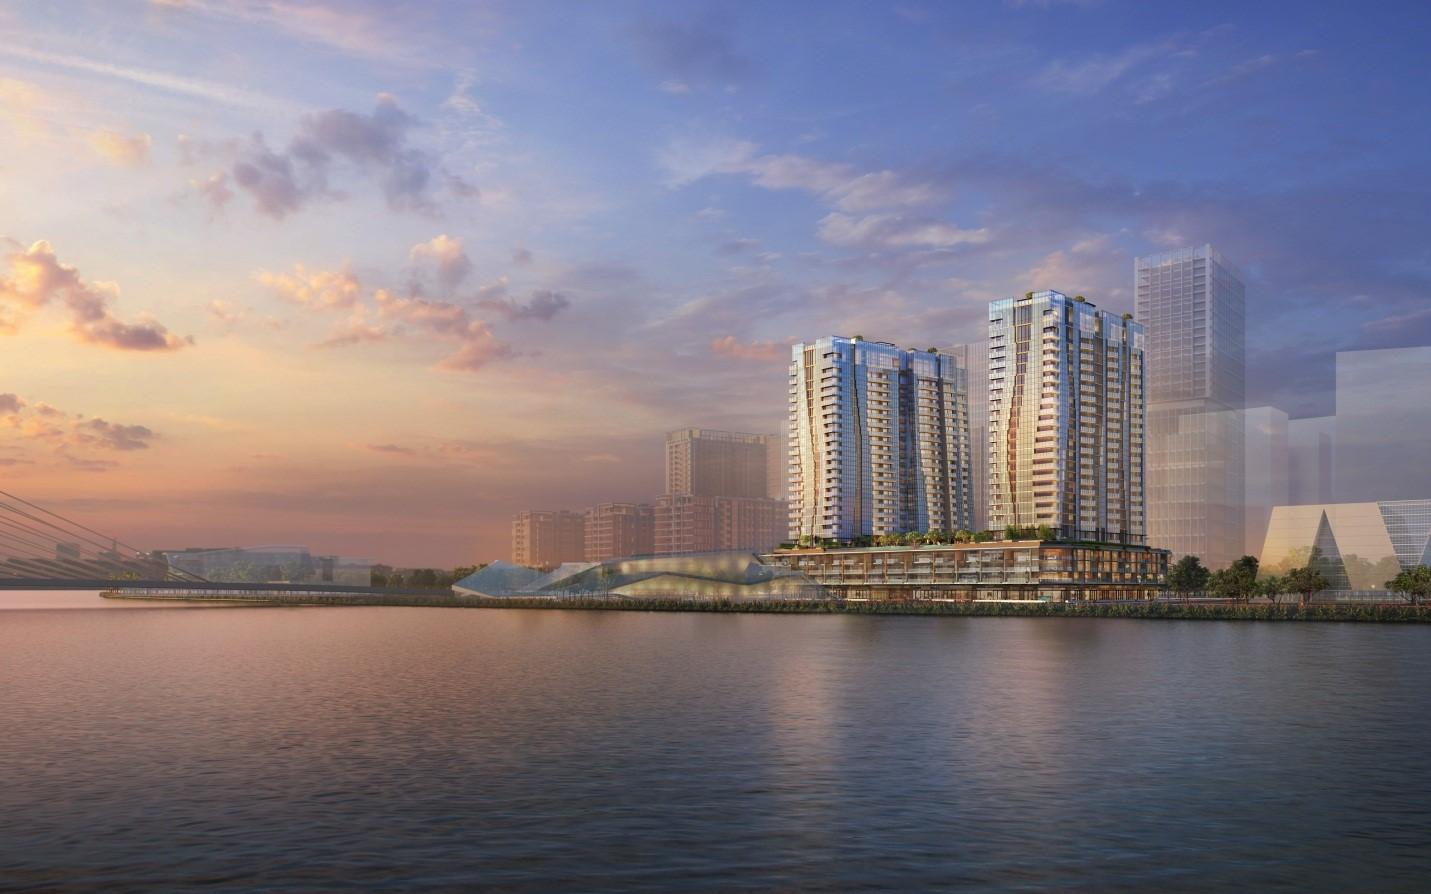 Dự án The Opera Residence với tầm nhìn rộng mở ra sông Sài Gòn. Ảnh phối cảnh: SonKim Land.